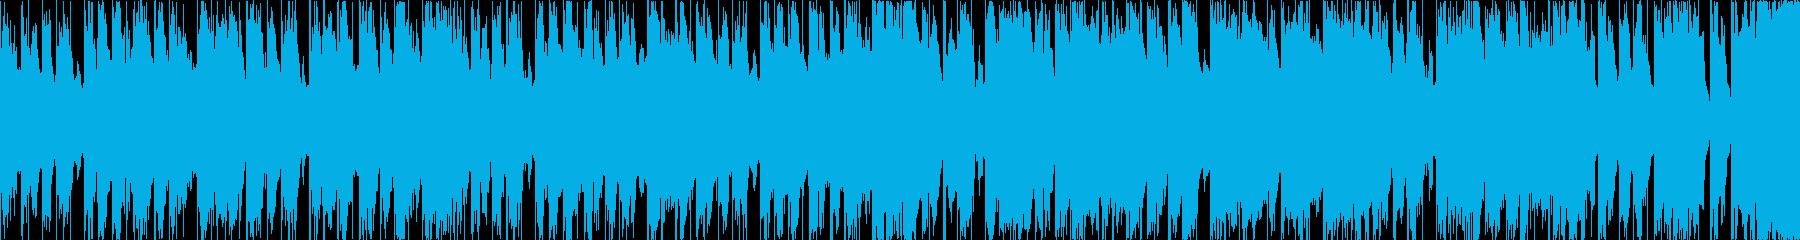 元気で可愛らしいポップス<ループ仕様>の再生済みの波形